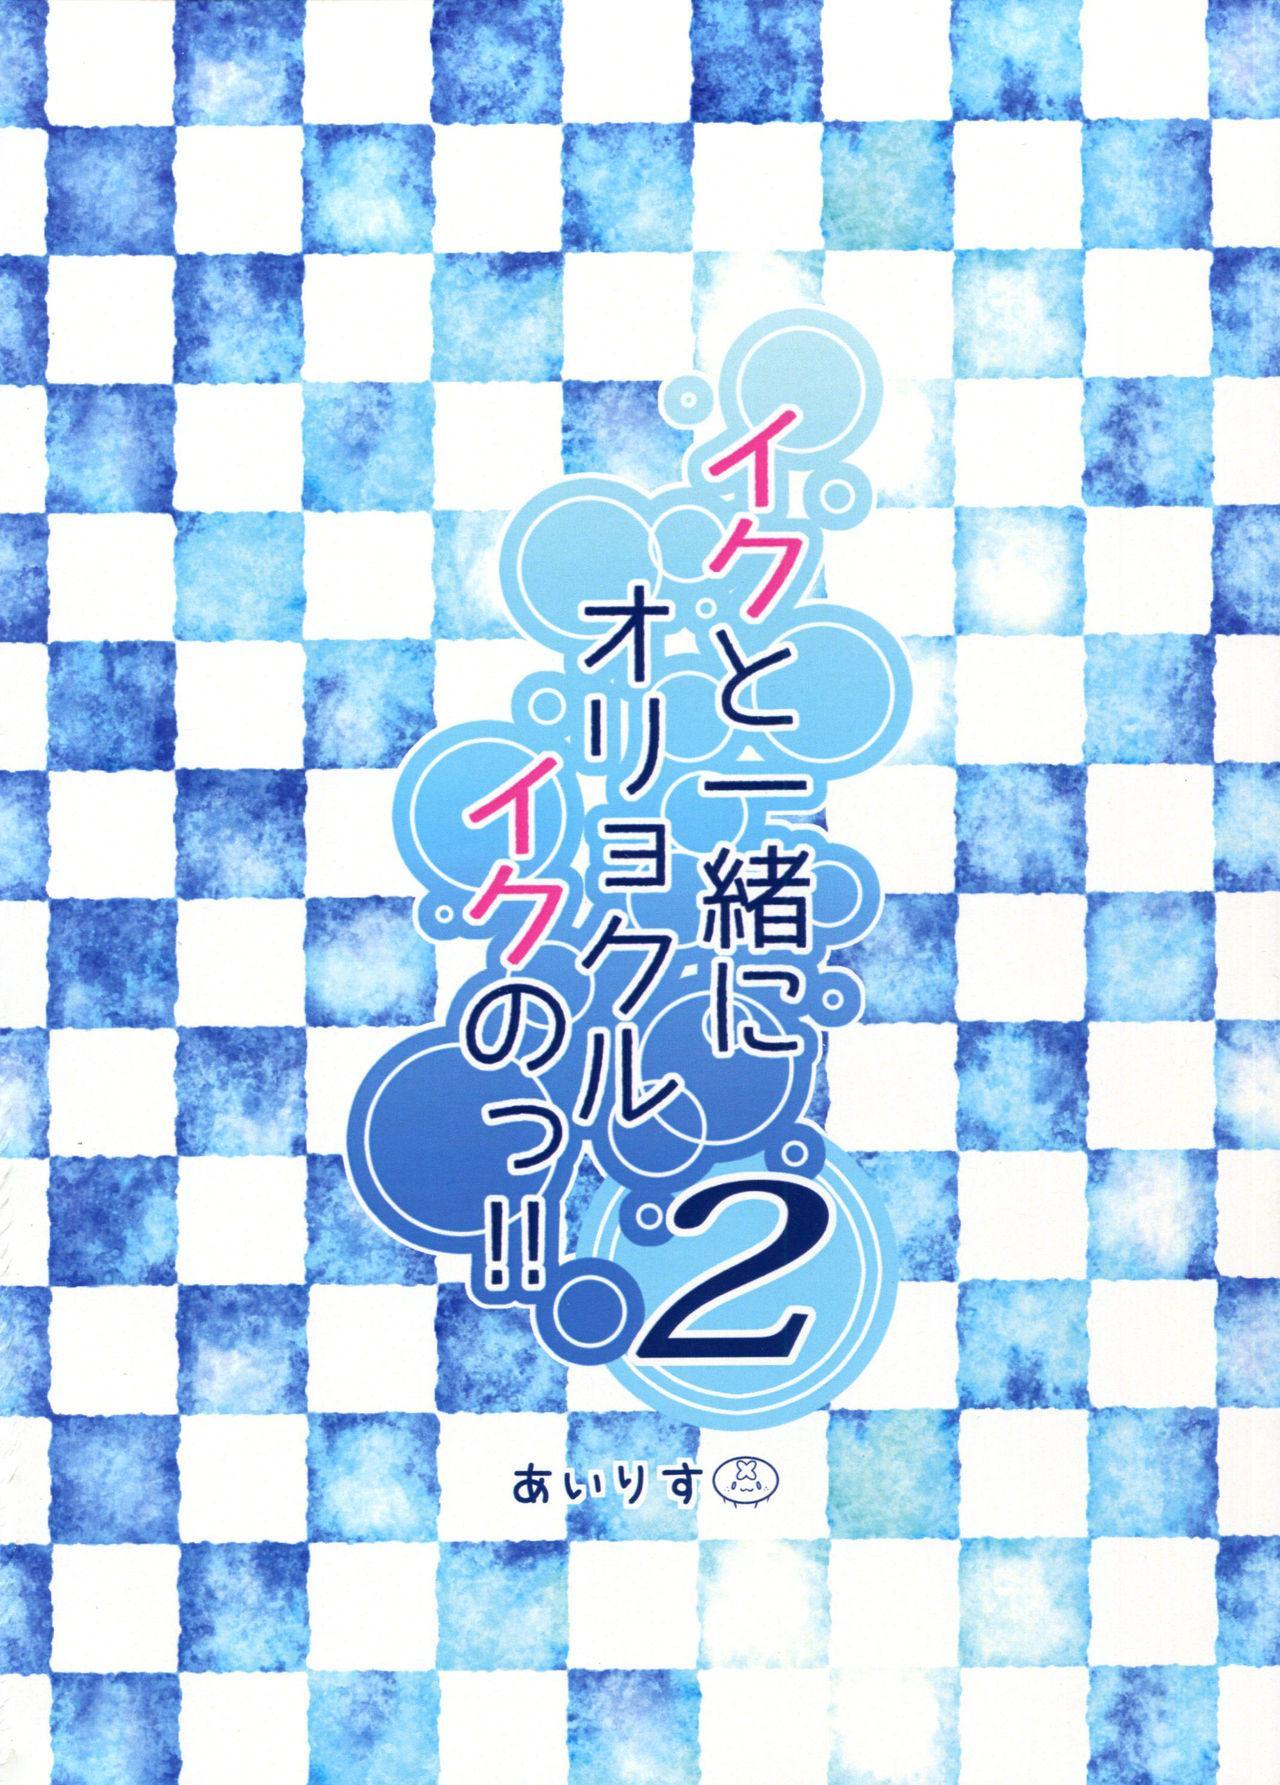 Iku to isshoni  Oryokuru Iku no!! 2 17